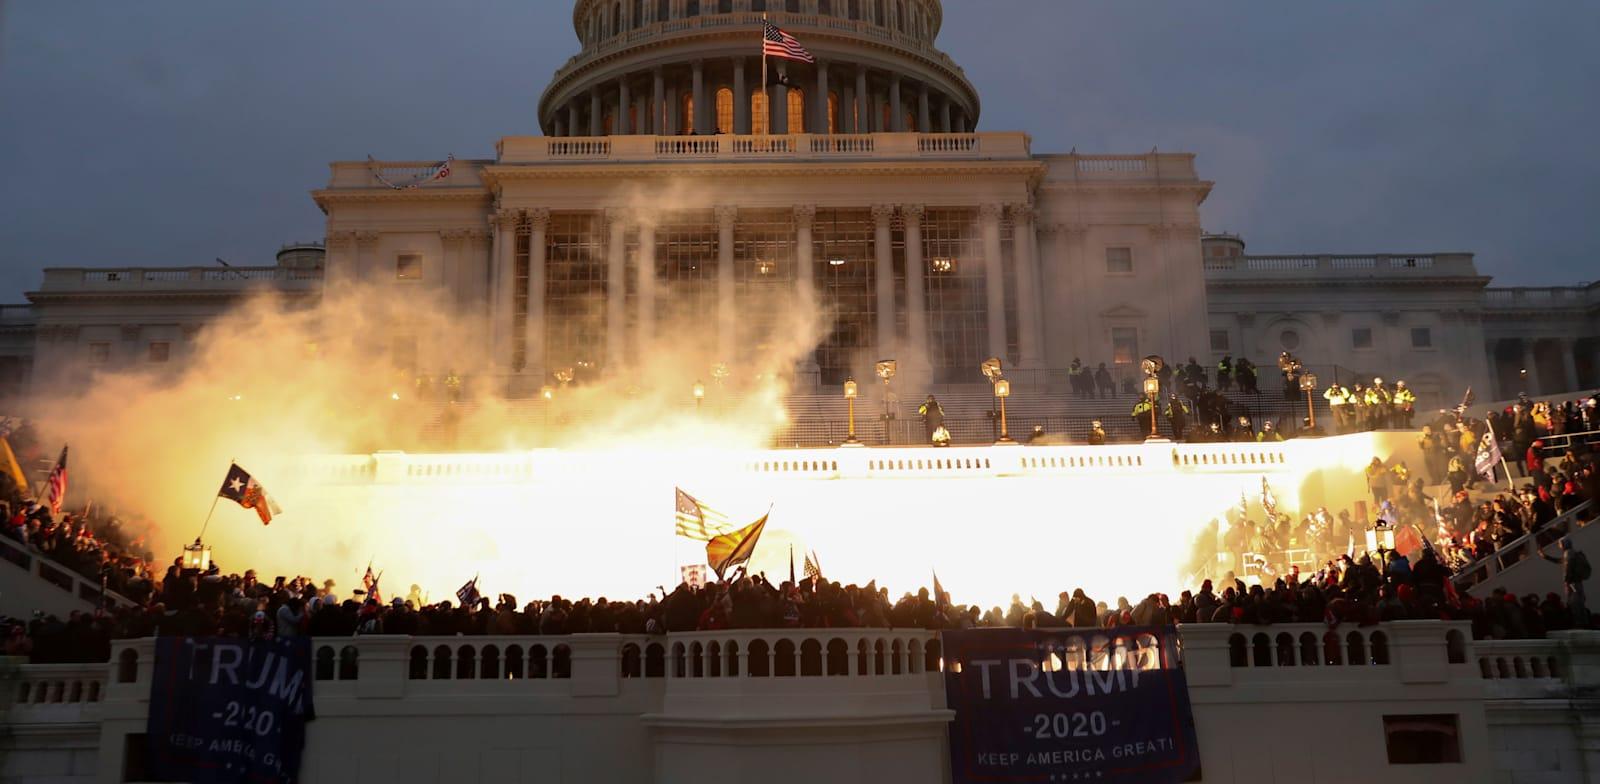 """פיצוץ שנגרם על ידי המשטרה בזמן שתומכיו של נשיא ארה""""ב דונלד טראמפ מתאספים מול בניין הקפיטול / צילום: Reuters, Leah Millis"""